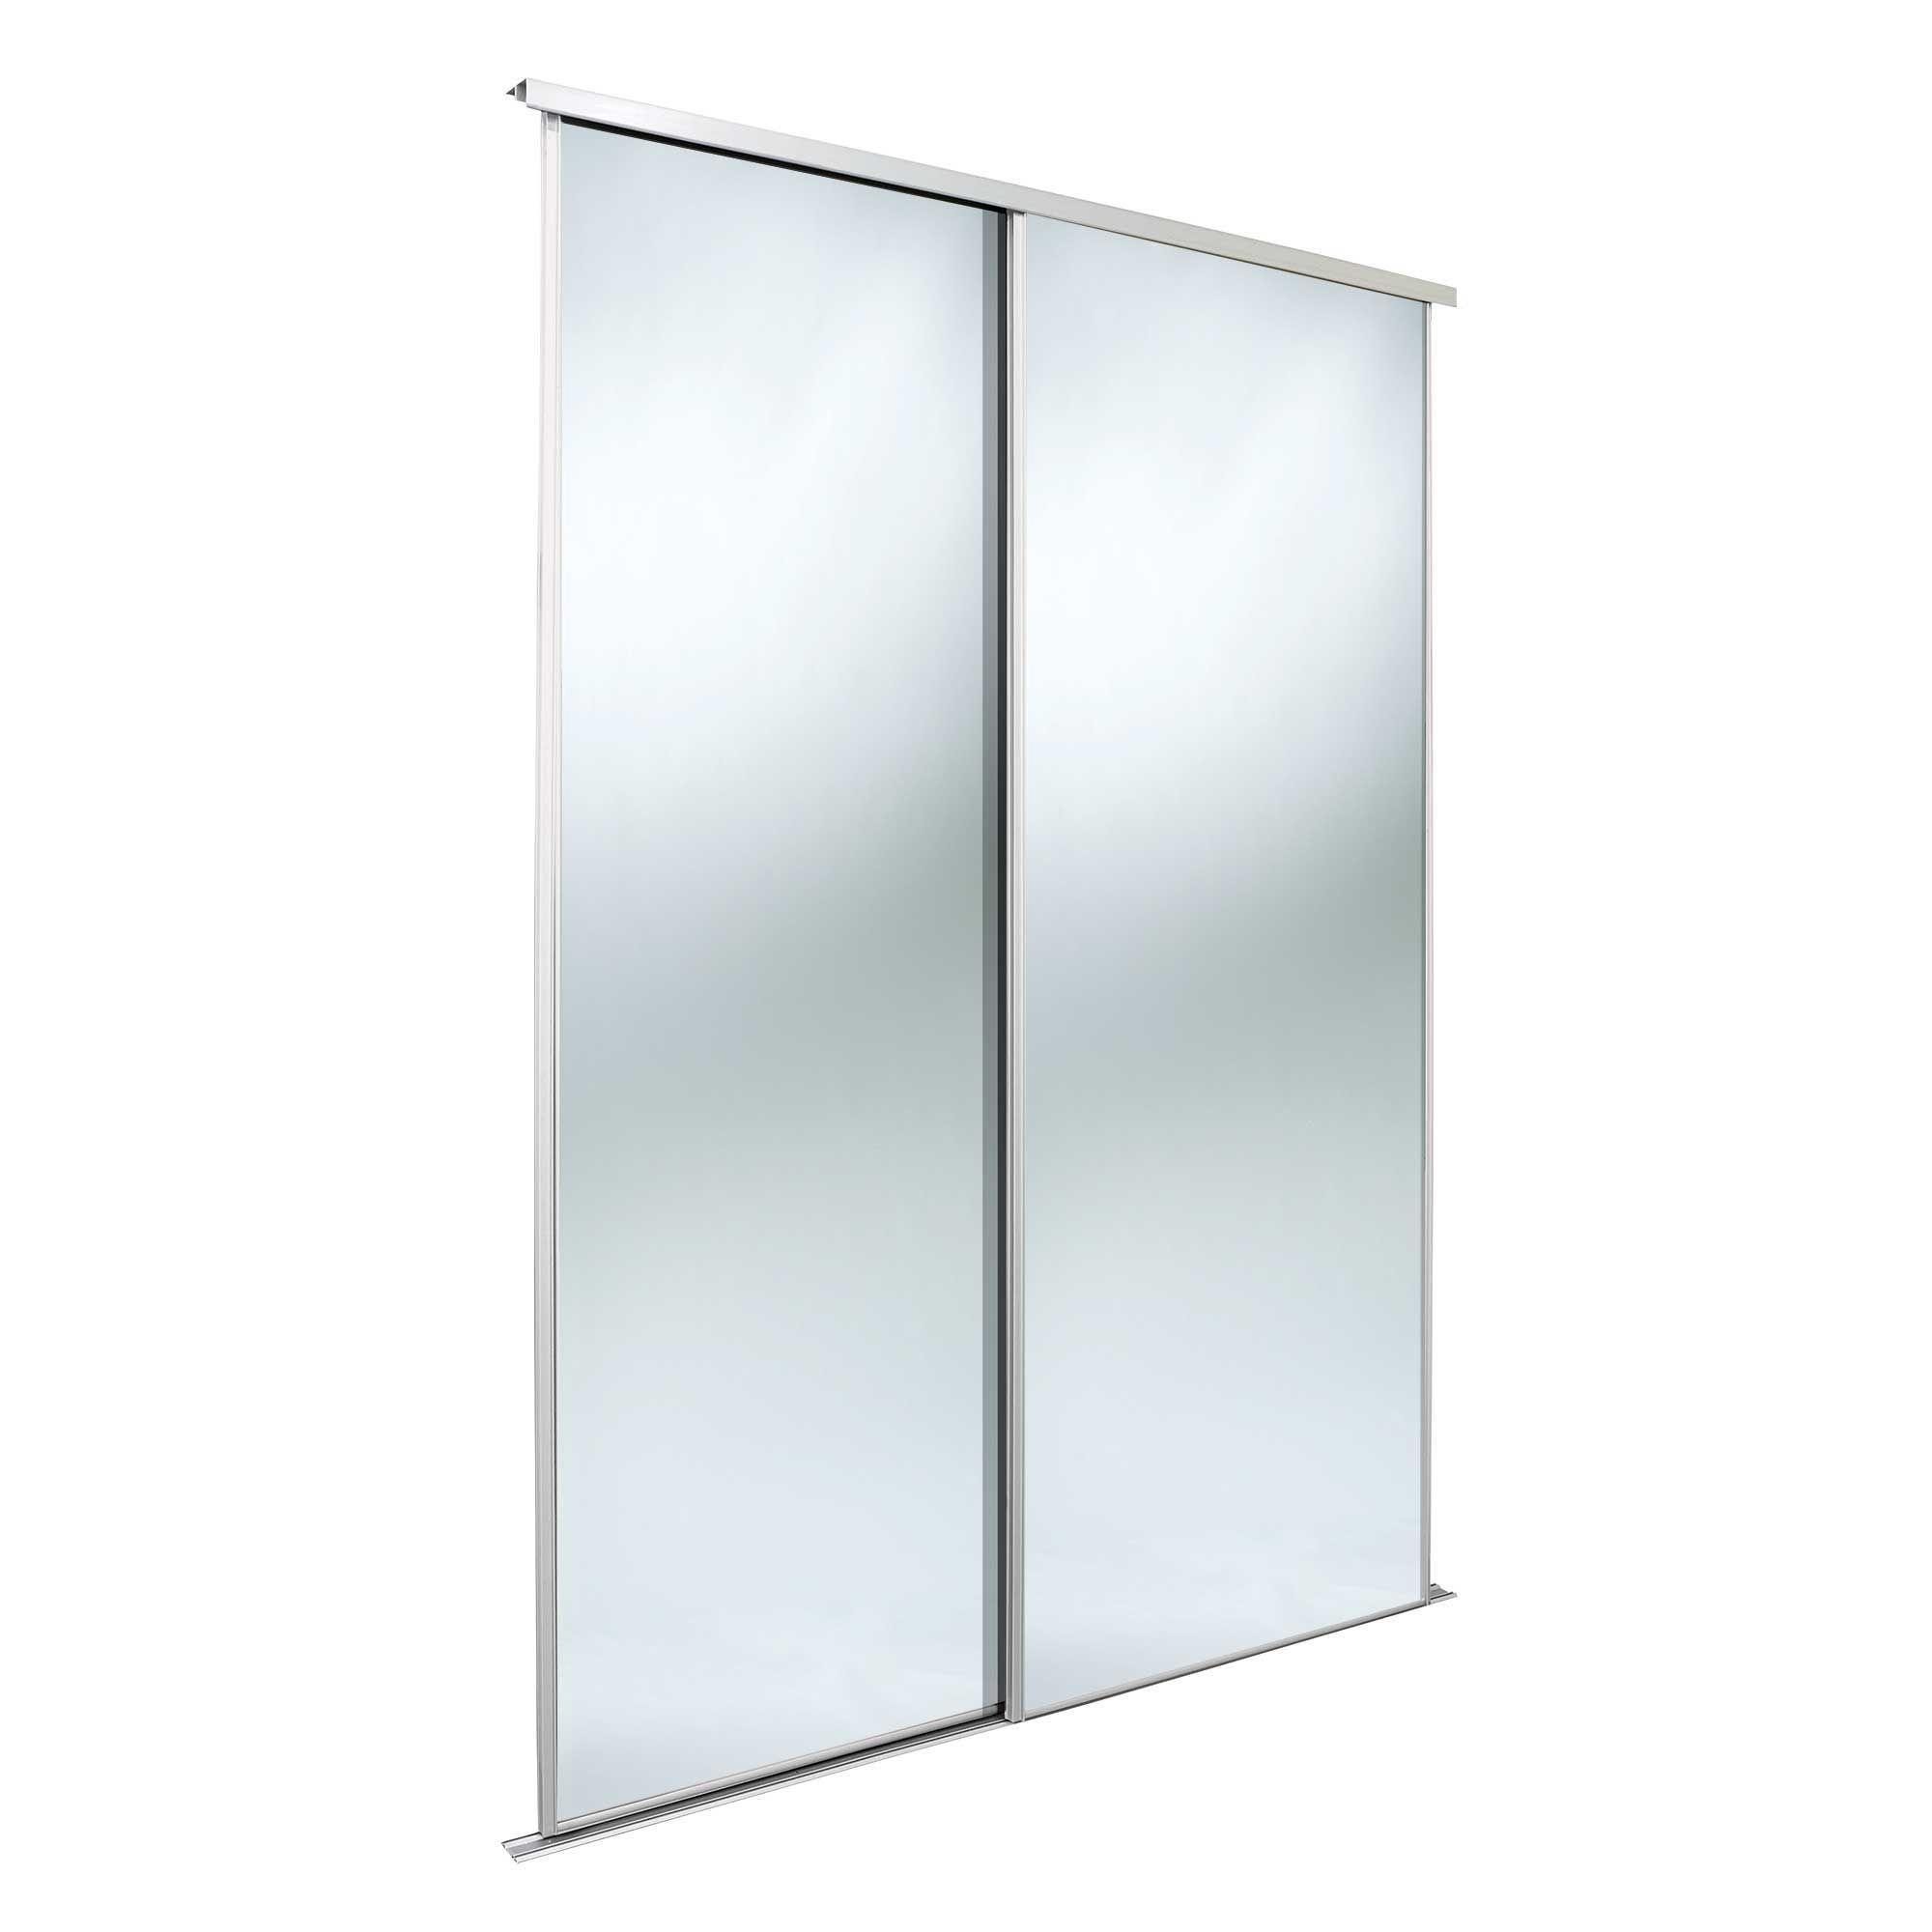 Full length mirror sliding wardrobe door h 2220 mm w 914 for Mirror wardrobe